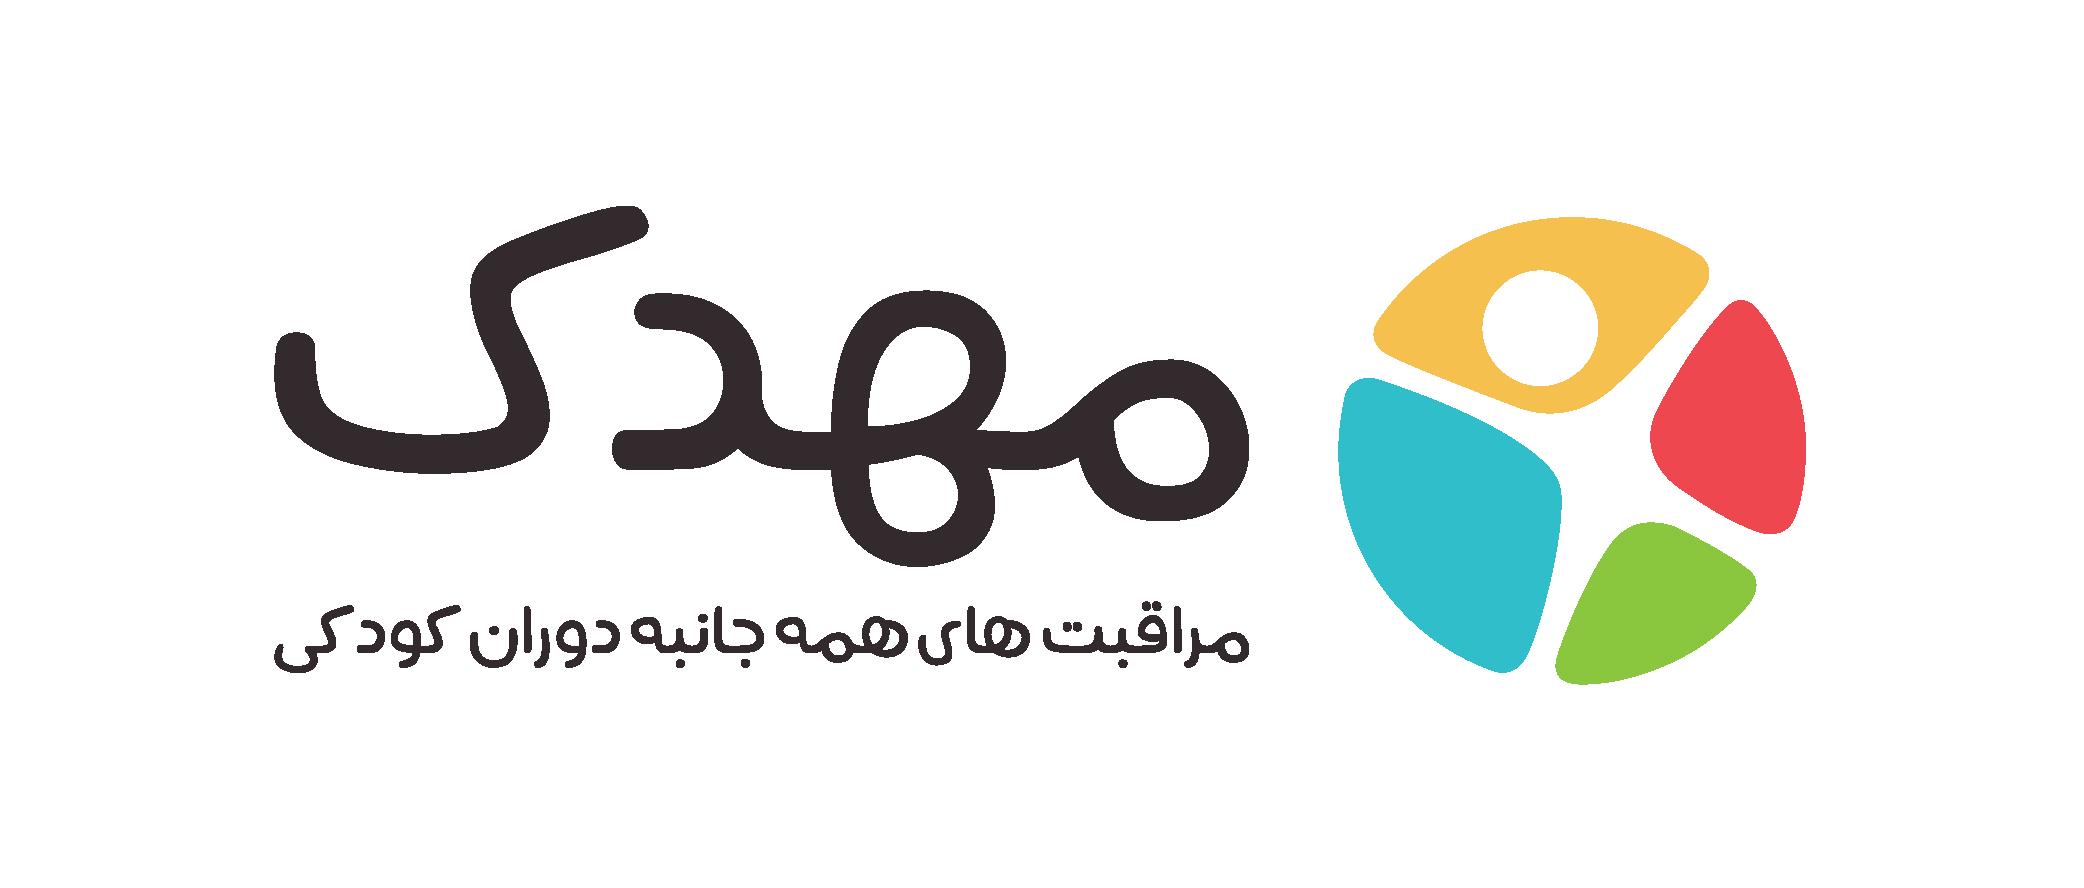 mahdak_logo-01